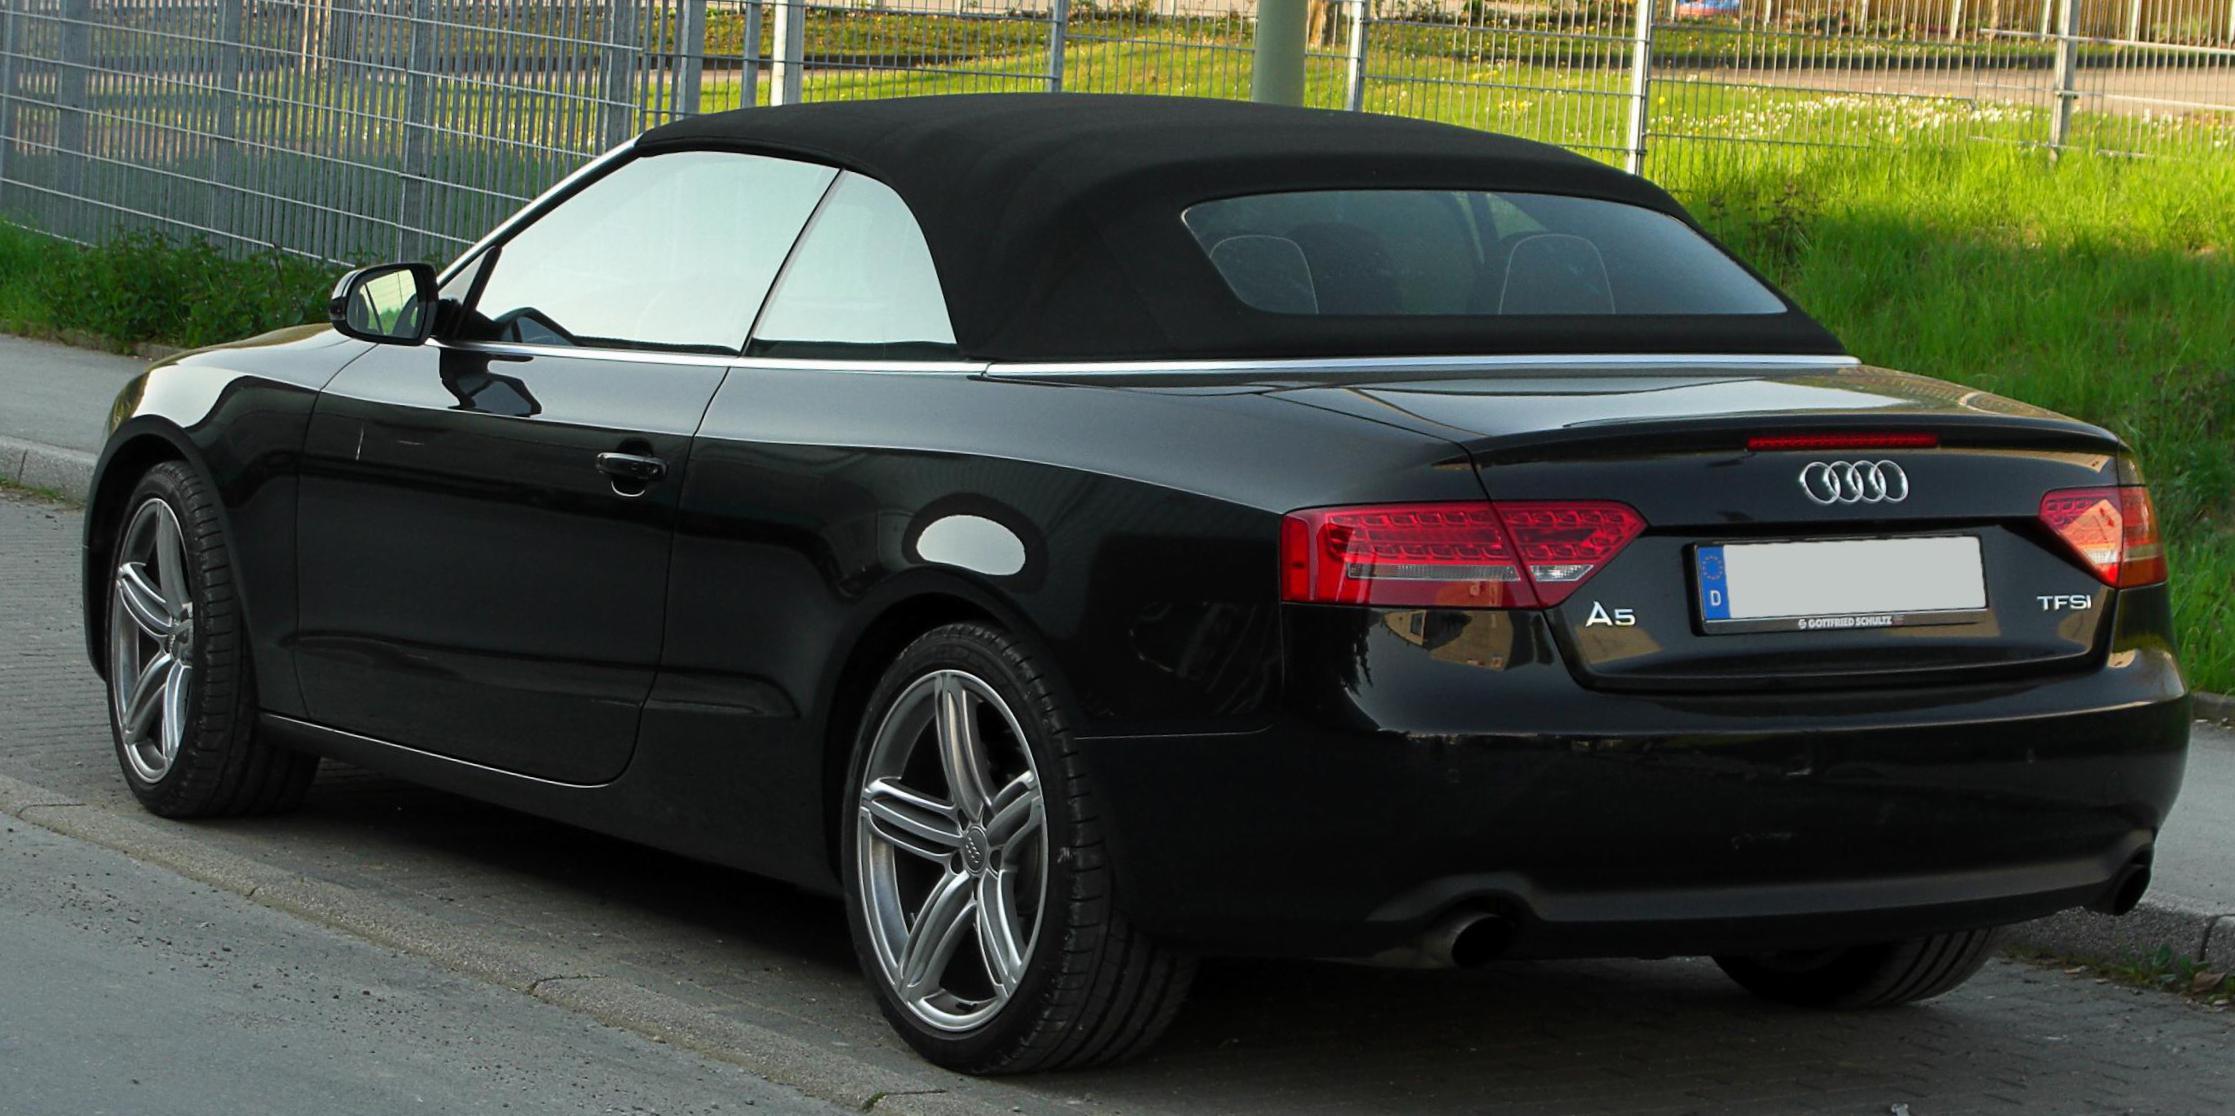 Kelebihan Kekurangan Audi A5 2012 Tangguh